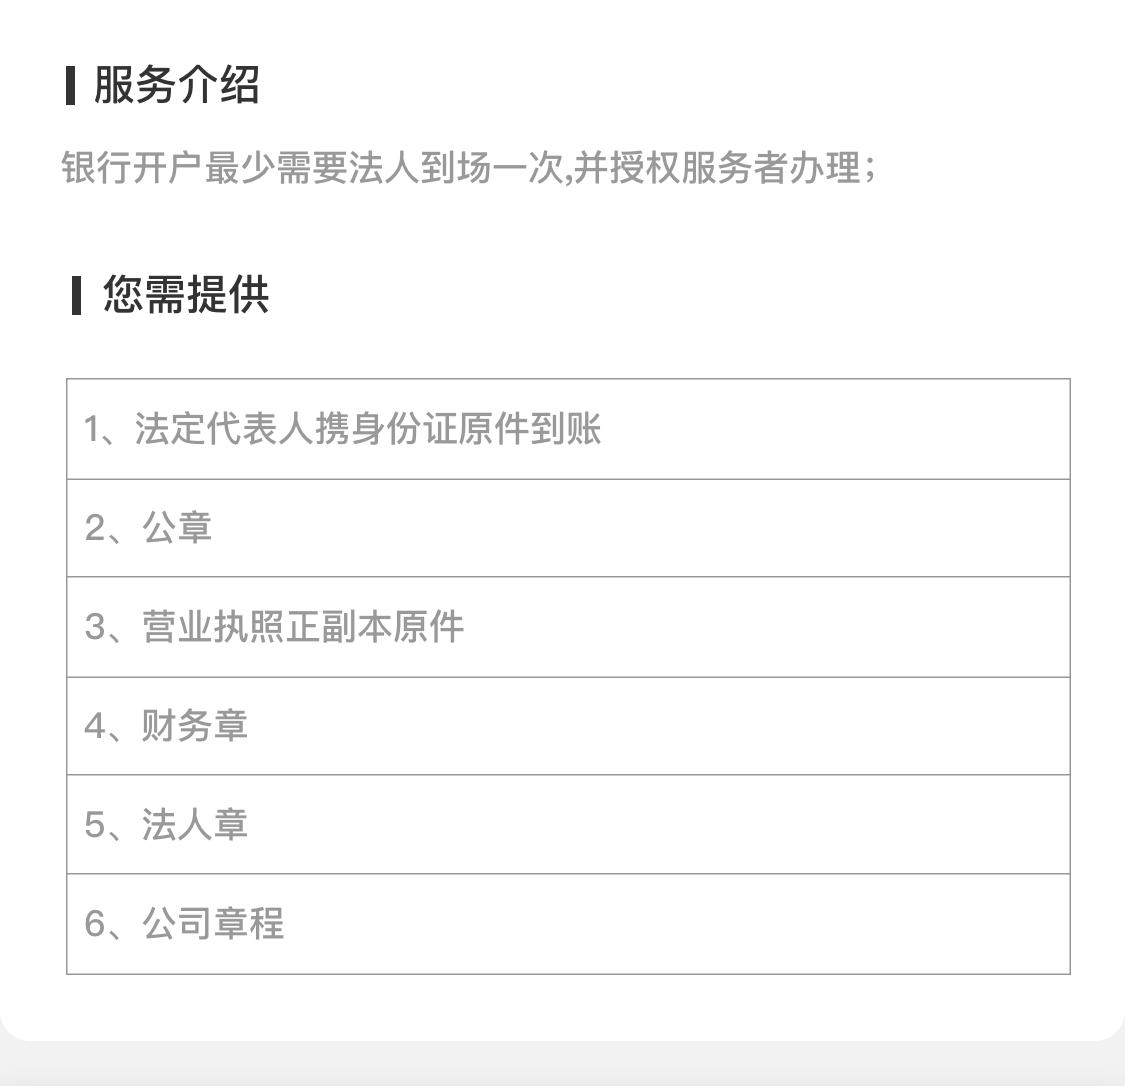 銀行開戶 copy.png